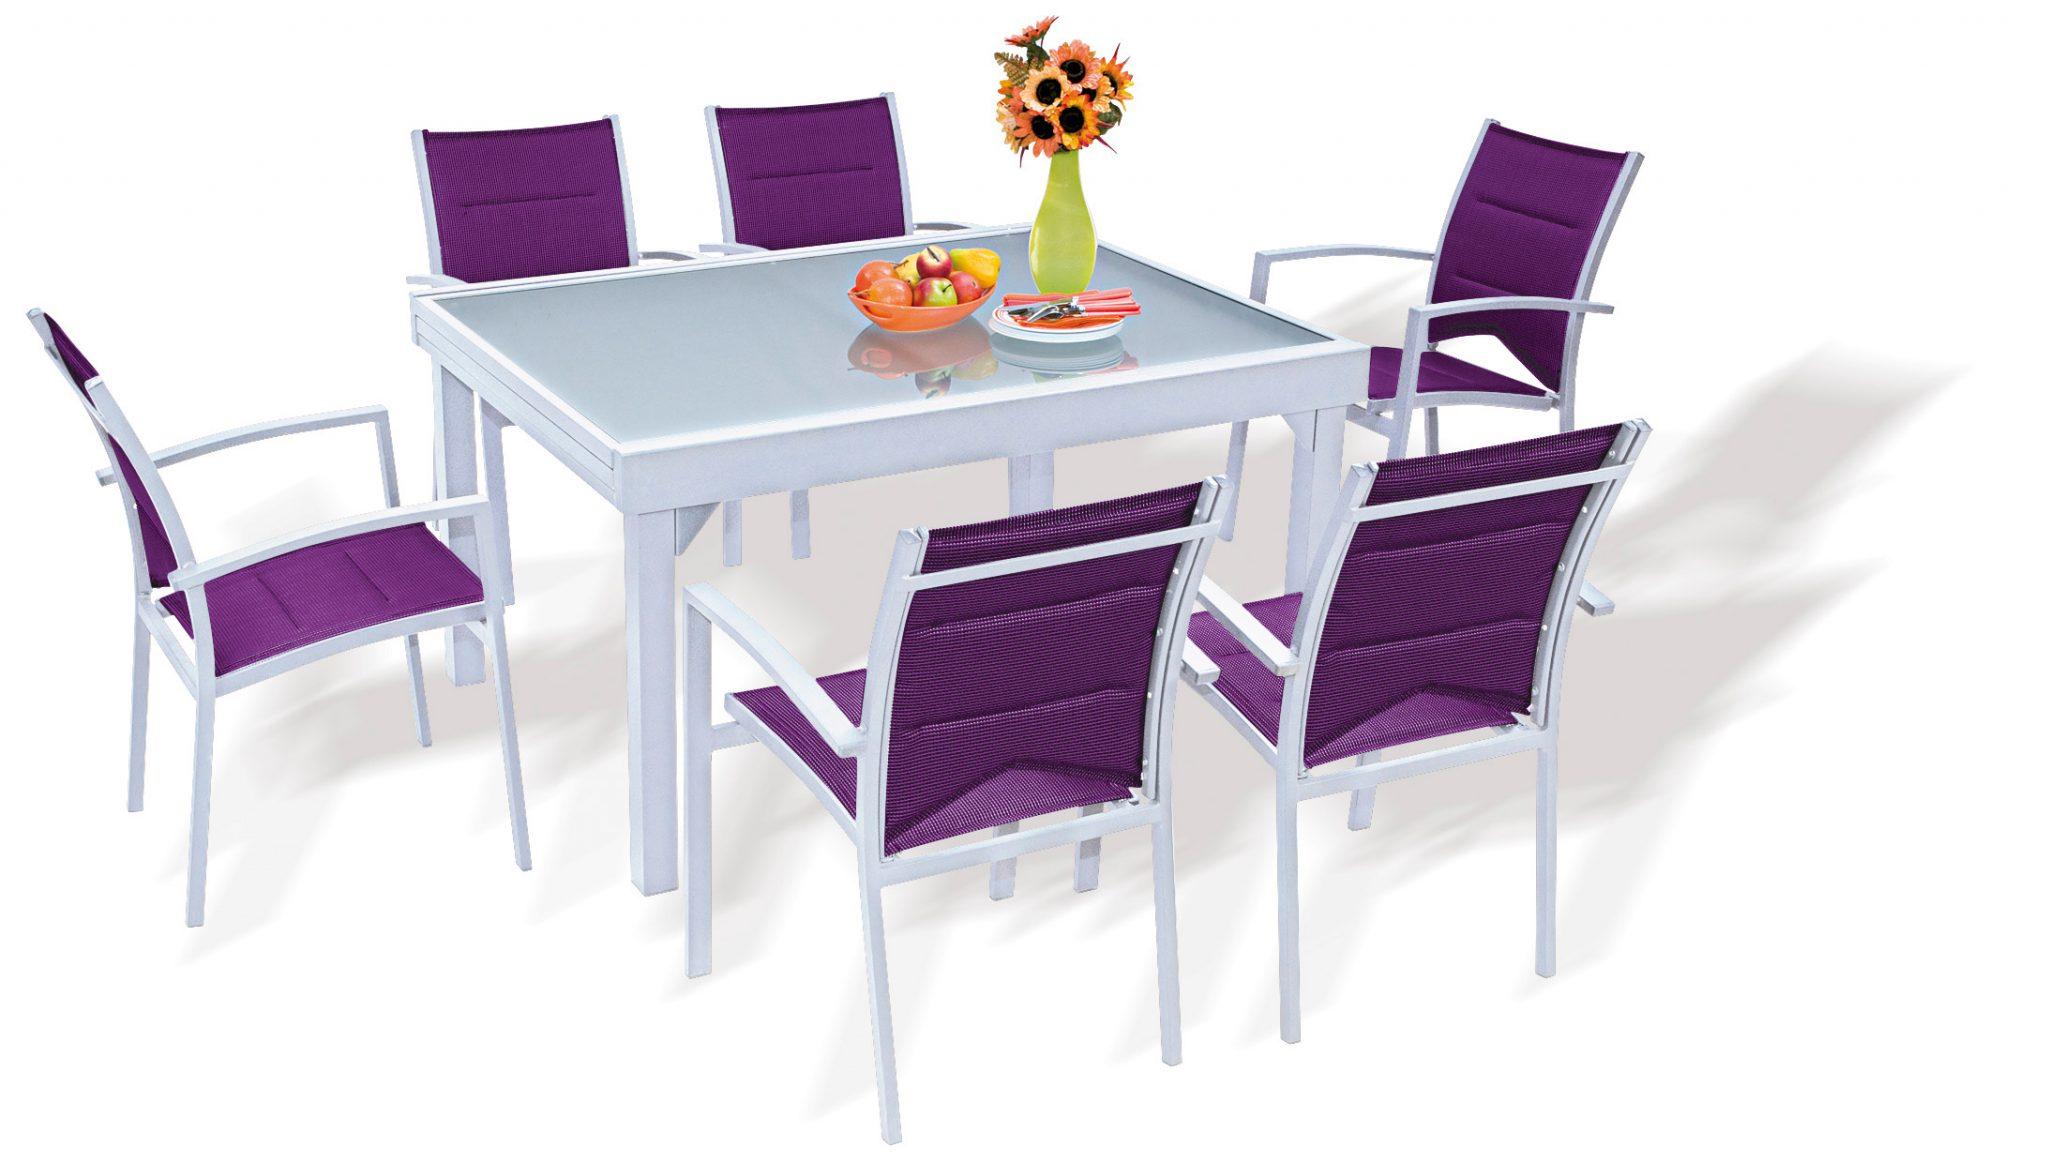 Table jardin leclerc - l\'Habis